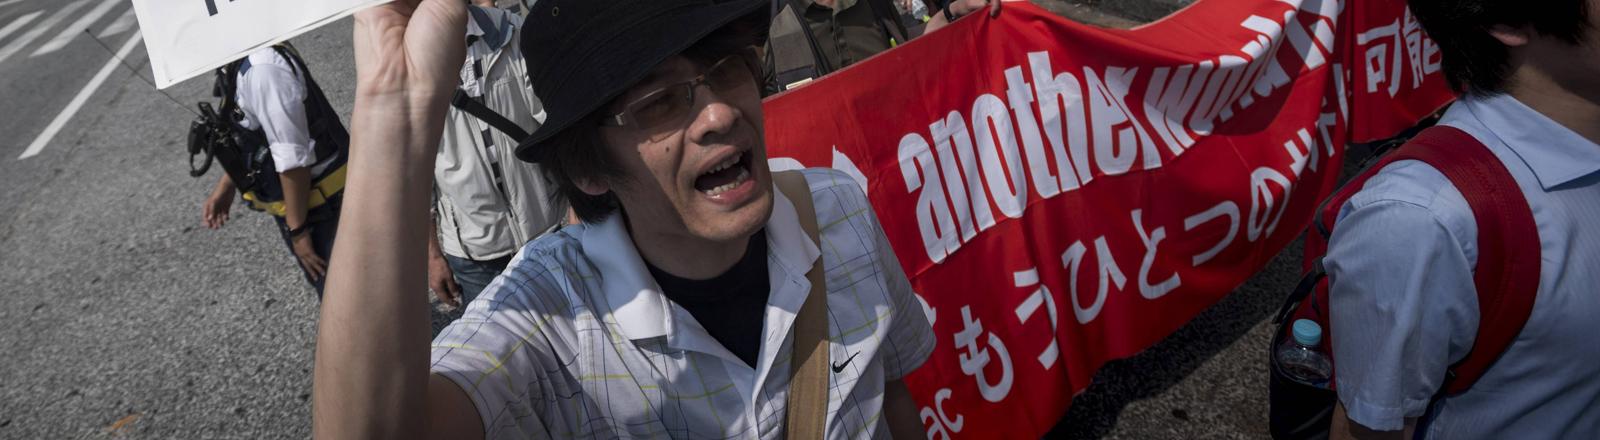 Ein Mann protestiert gegen den G7-Gipfel in Japan am 22.05.2016.